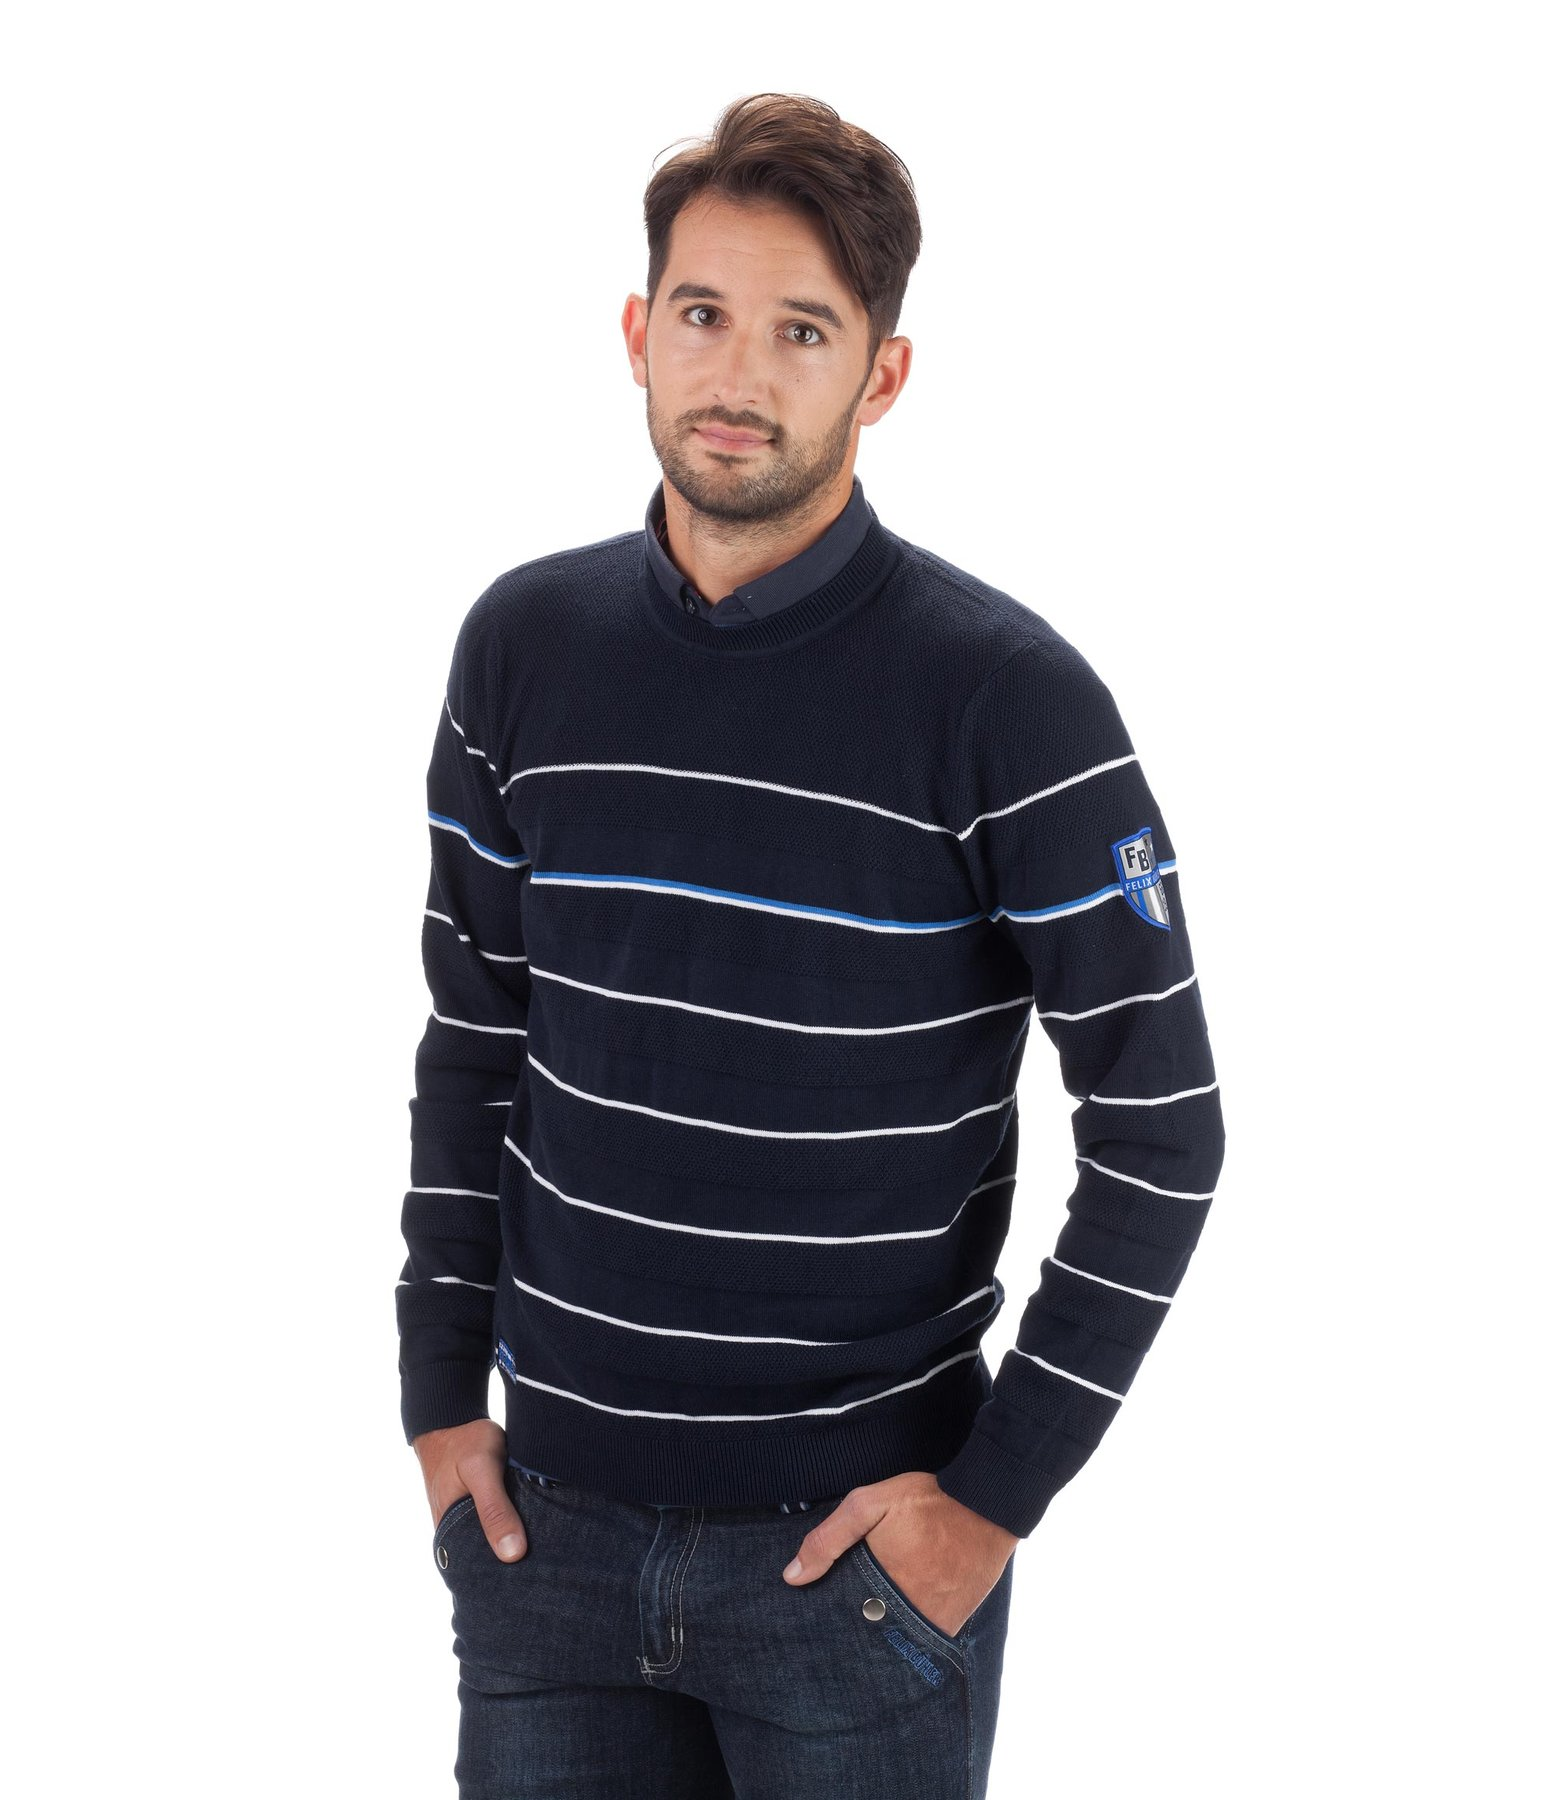 Pullover homme Lenn - Hauts hommes - Kramer Equitation 156109c2a147